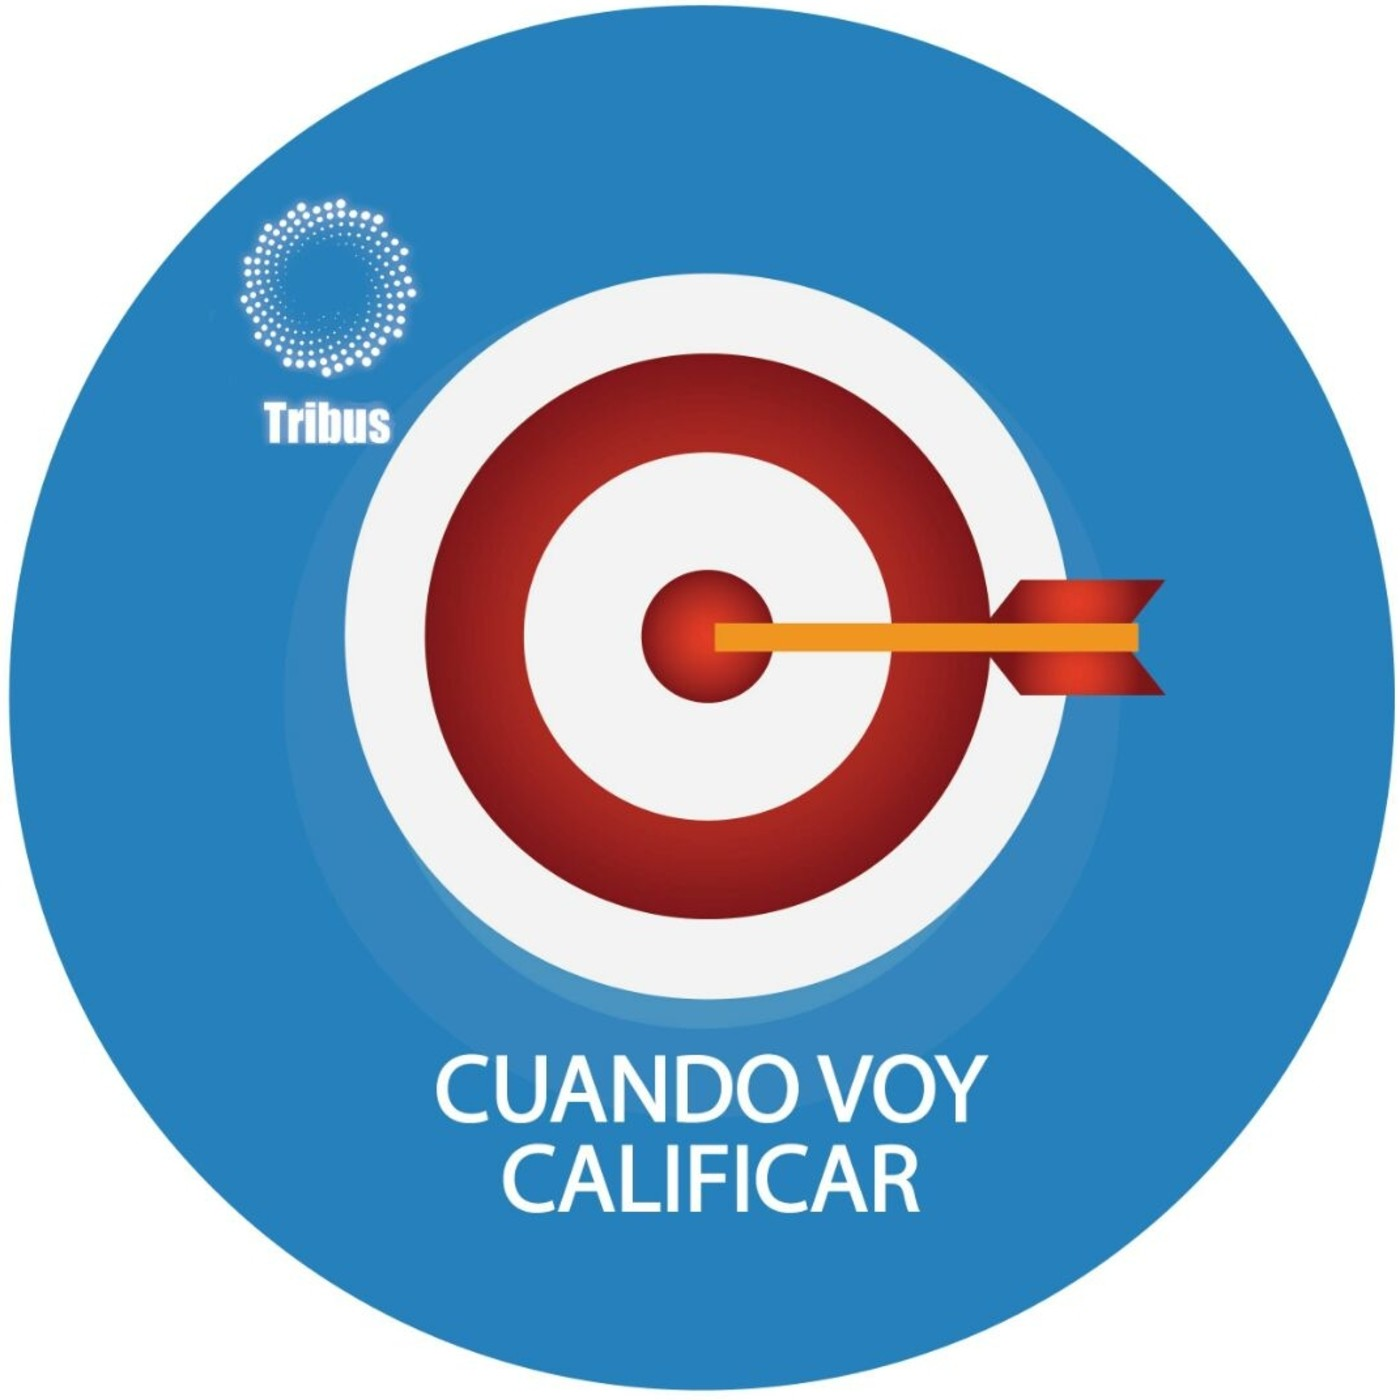 Preparar una calificación - Yasmin y Carlos Jurado